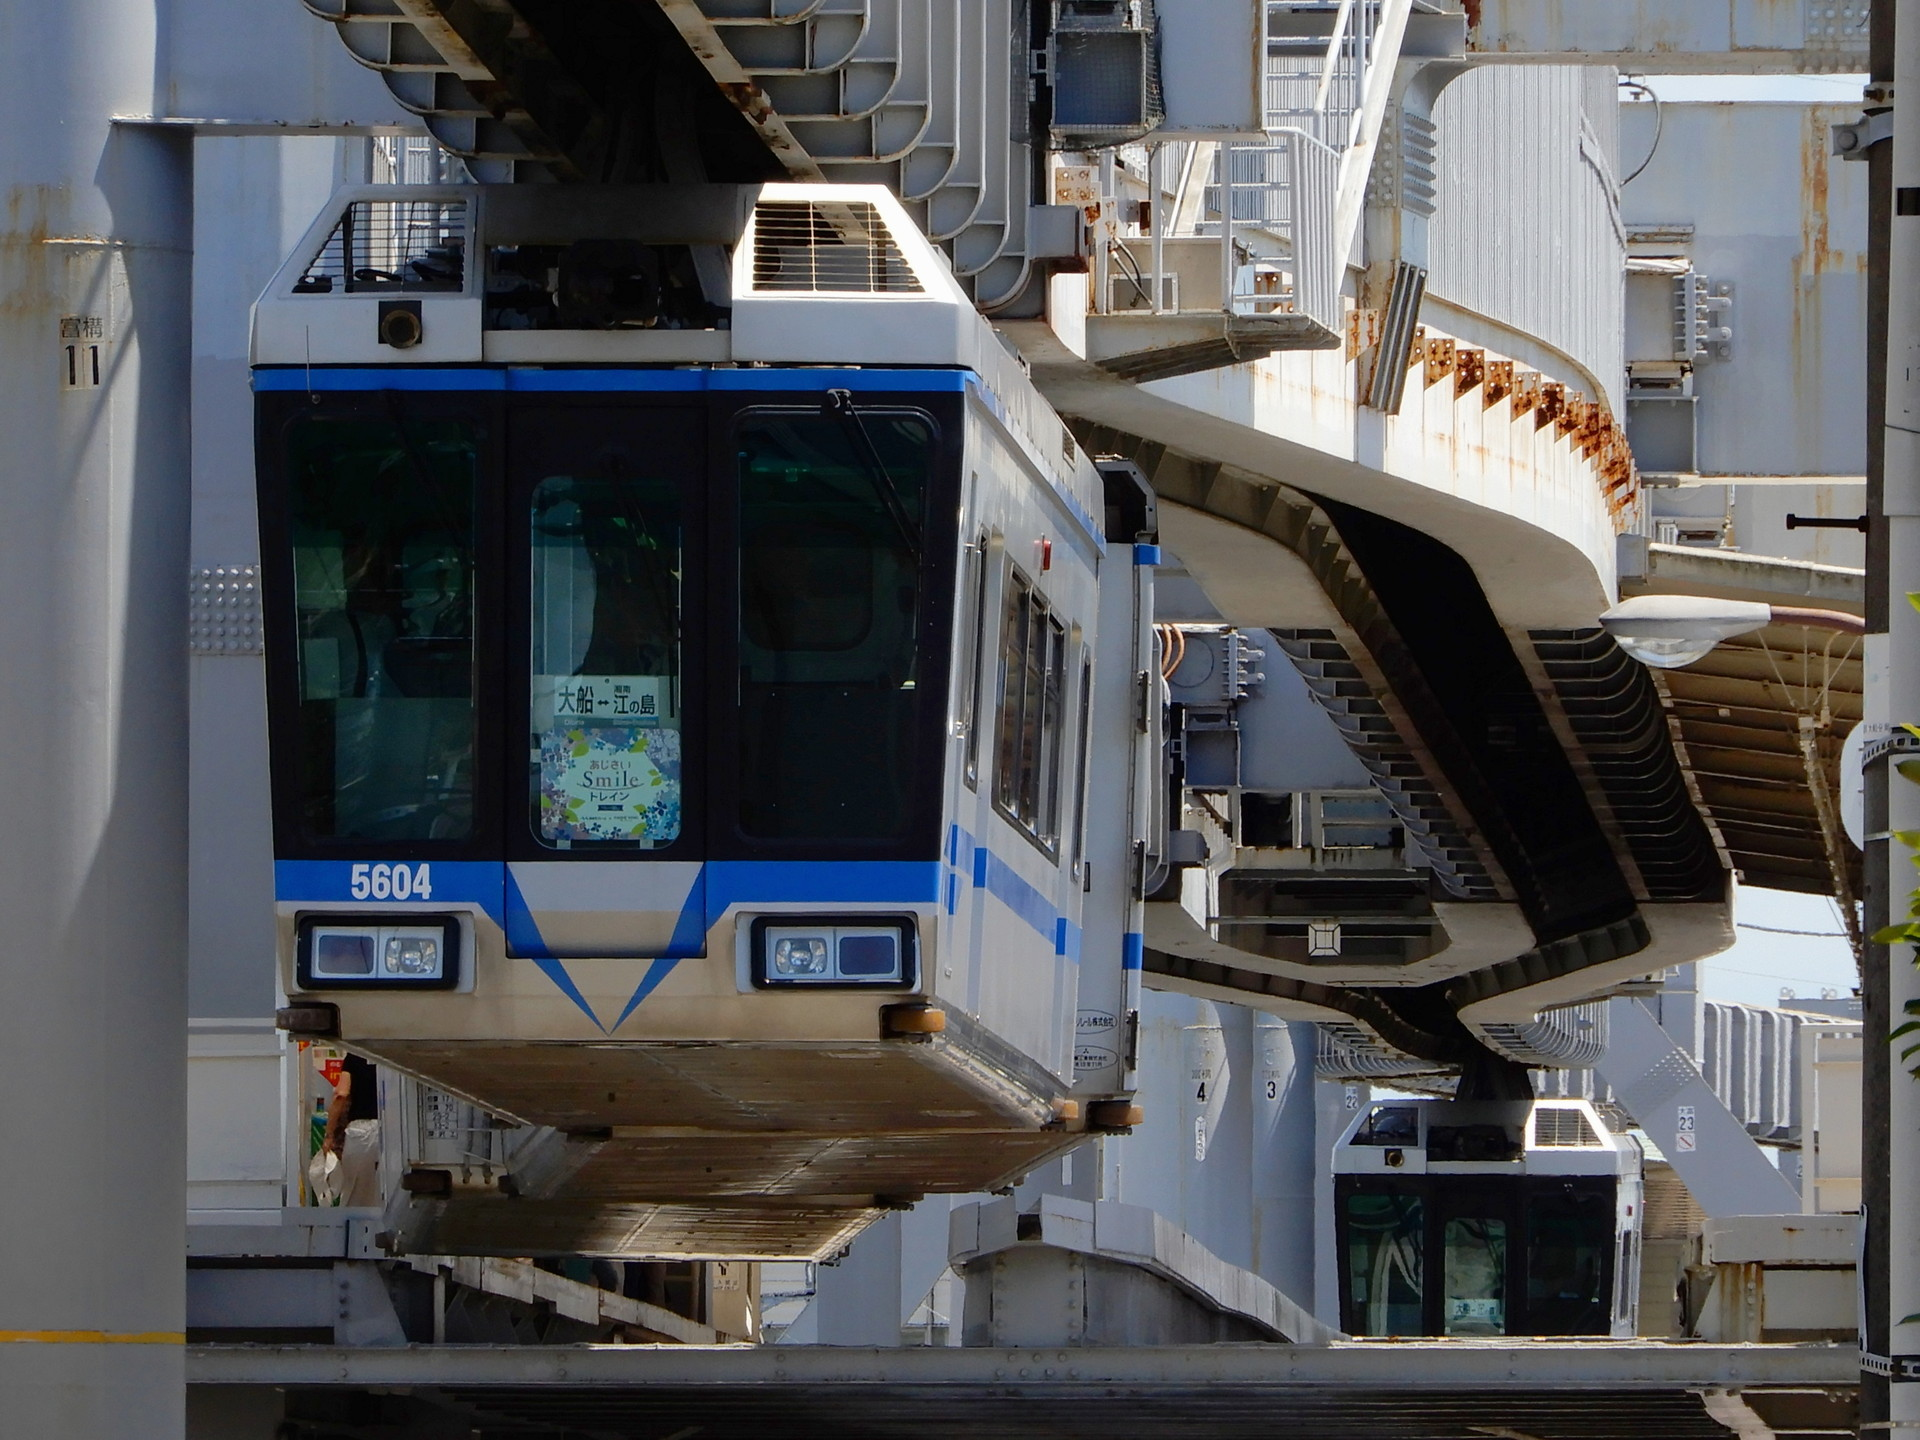 湘南モノレール5000系の5603編成・あじさいSmileトレイン